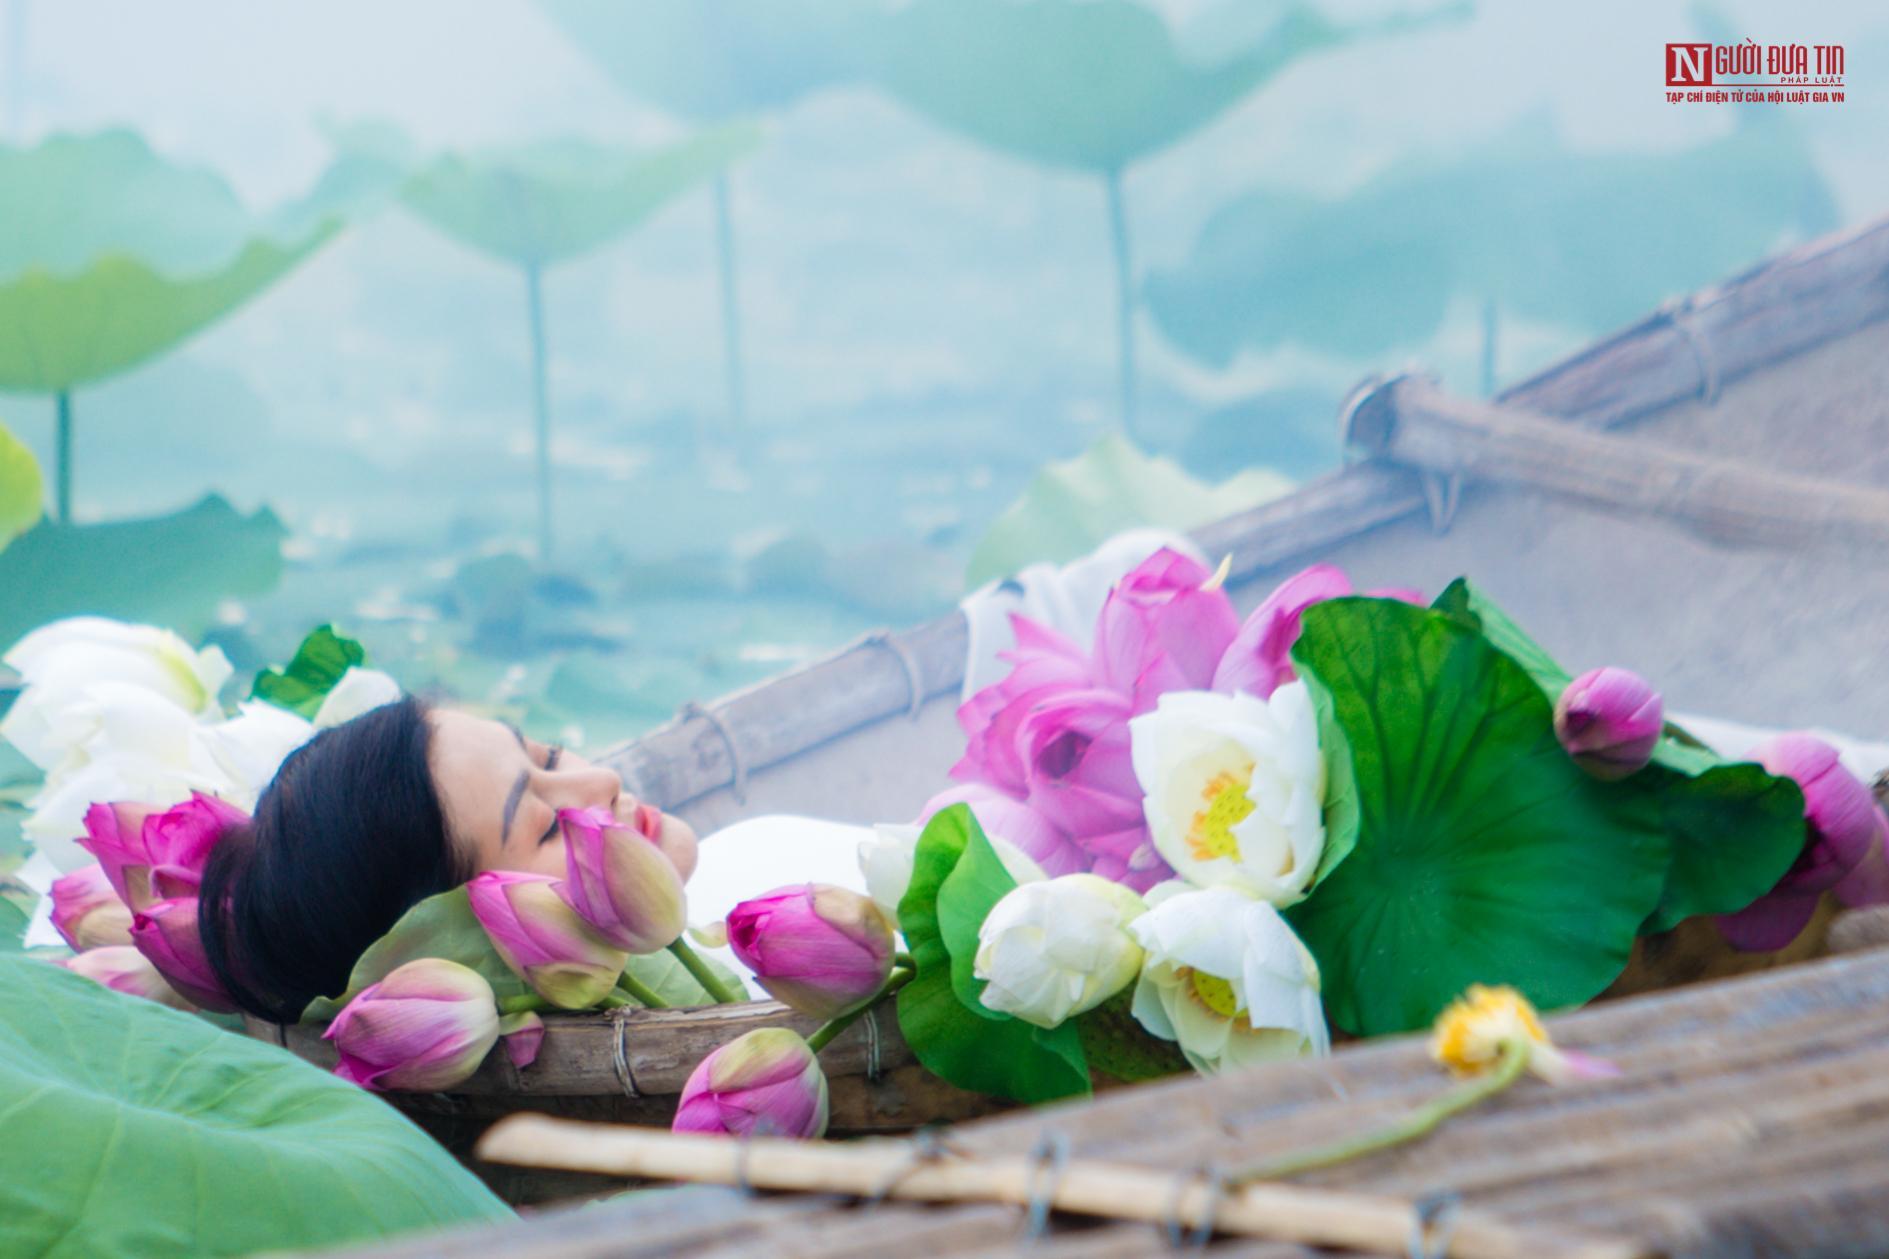 Hoa sen đầu mùa rong ruổi khắp phố phường Hà Nội Ảnh 16